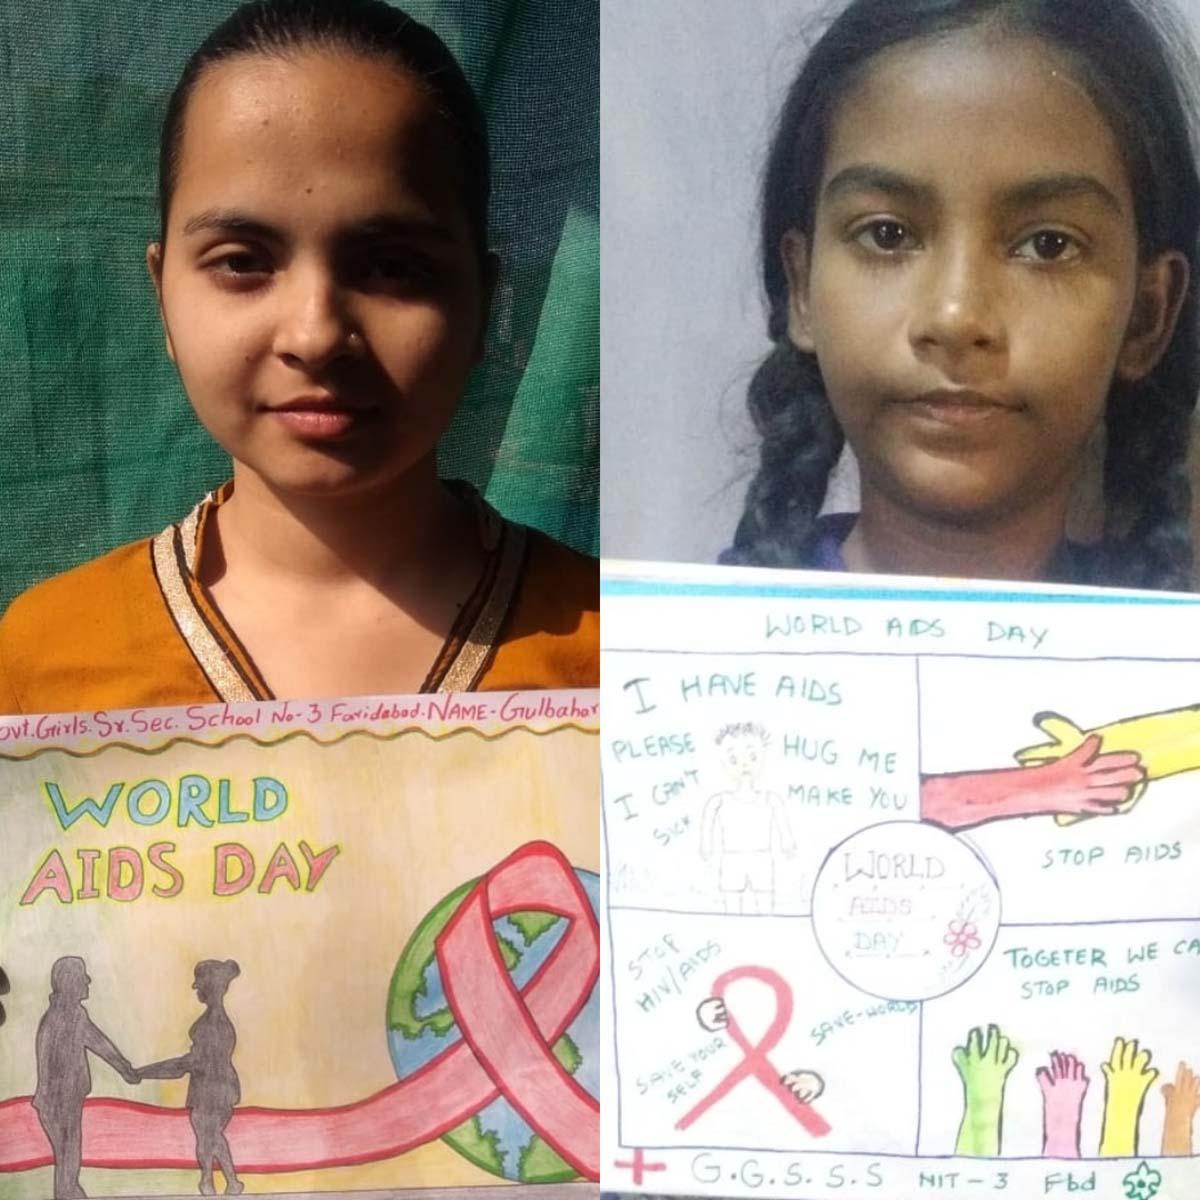 विश्व एड्स दिवस : एड्स पीड़ितों के पुनर्वास में करे सहायता